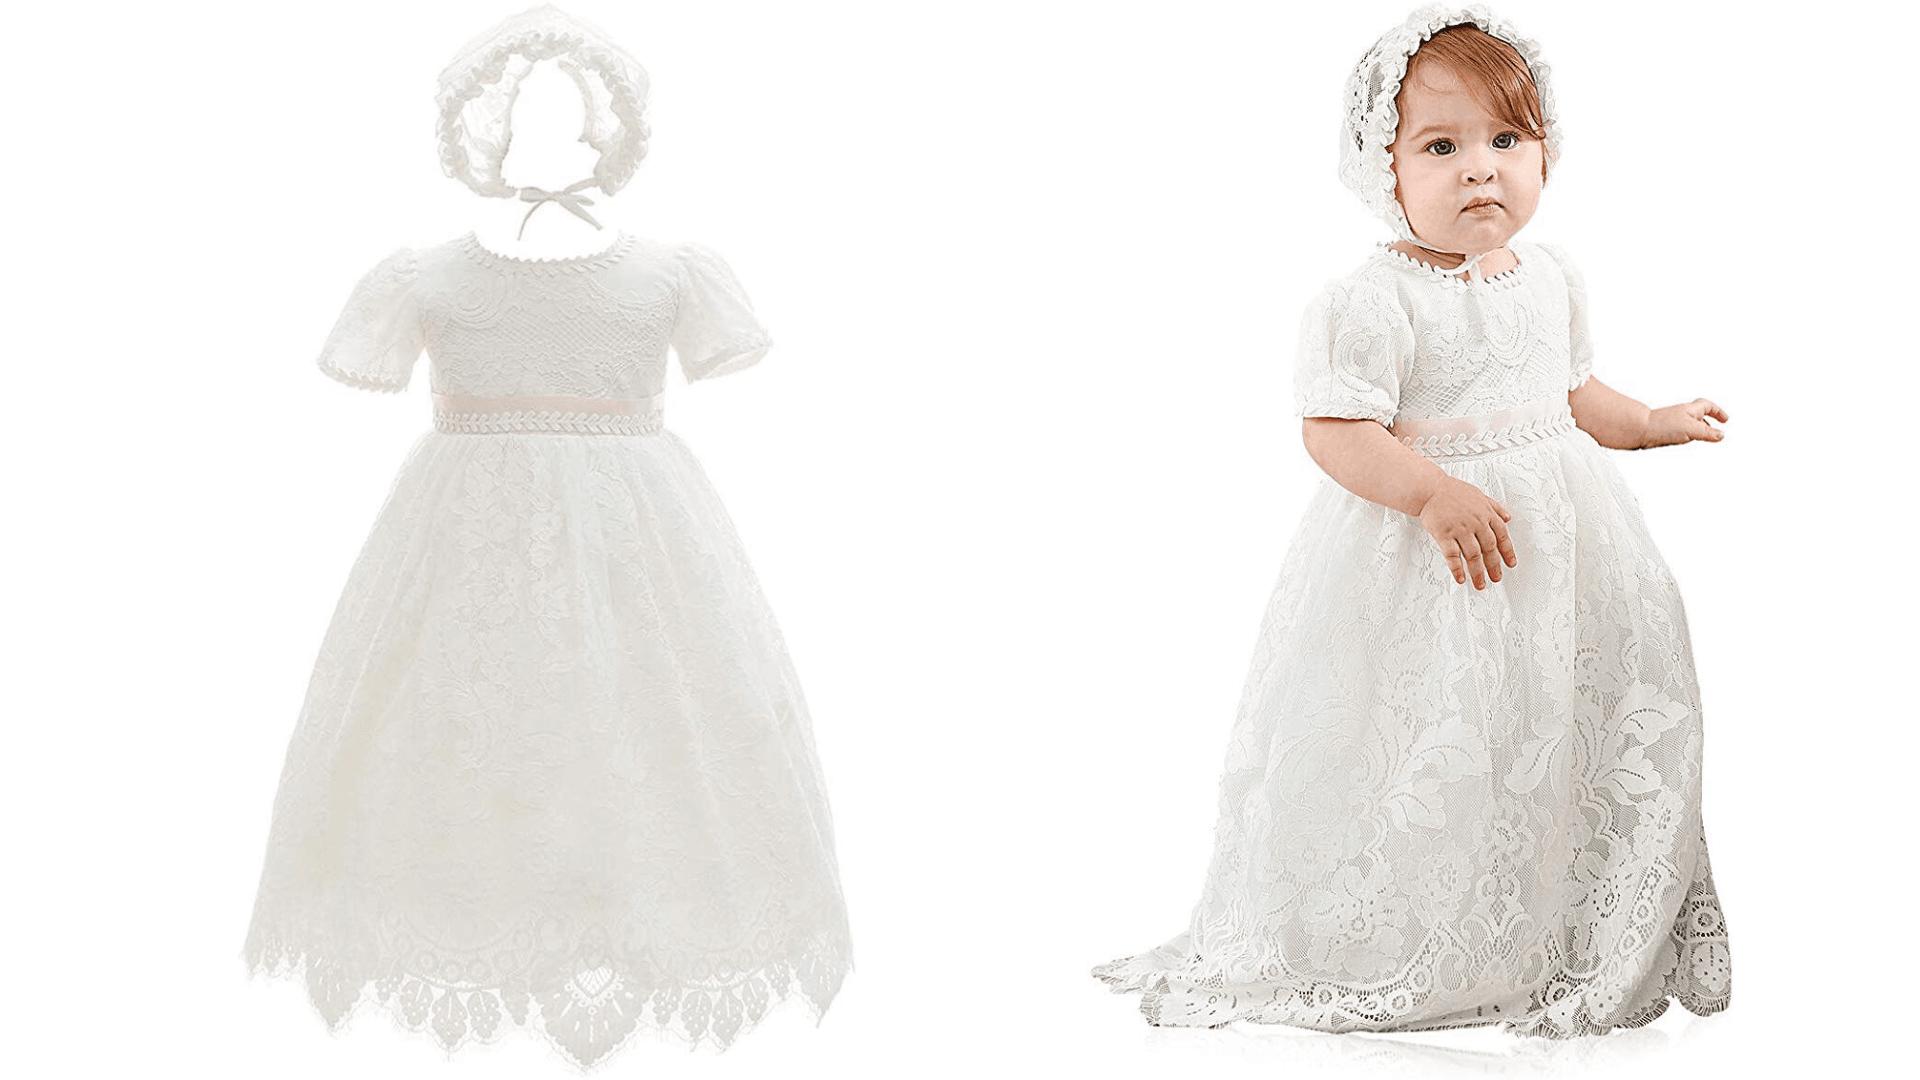 ≫ Vestidos de bautizo modernos y hermosos para niñas ❤️